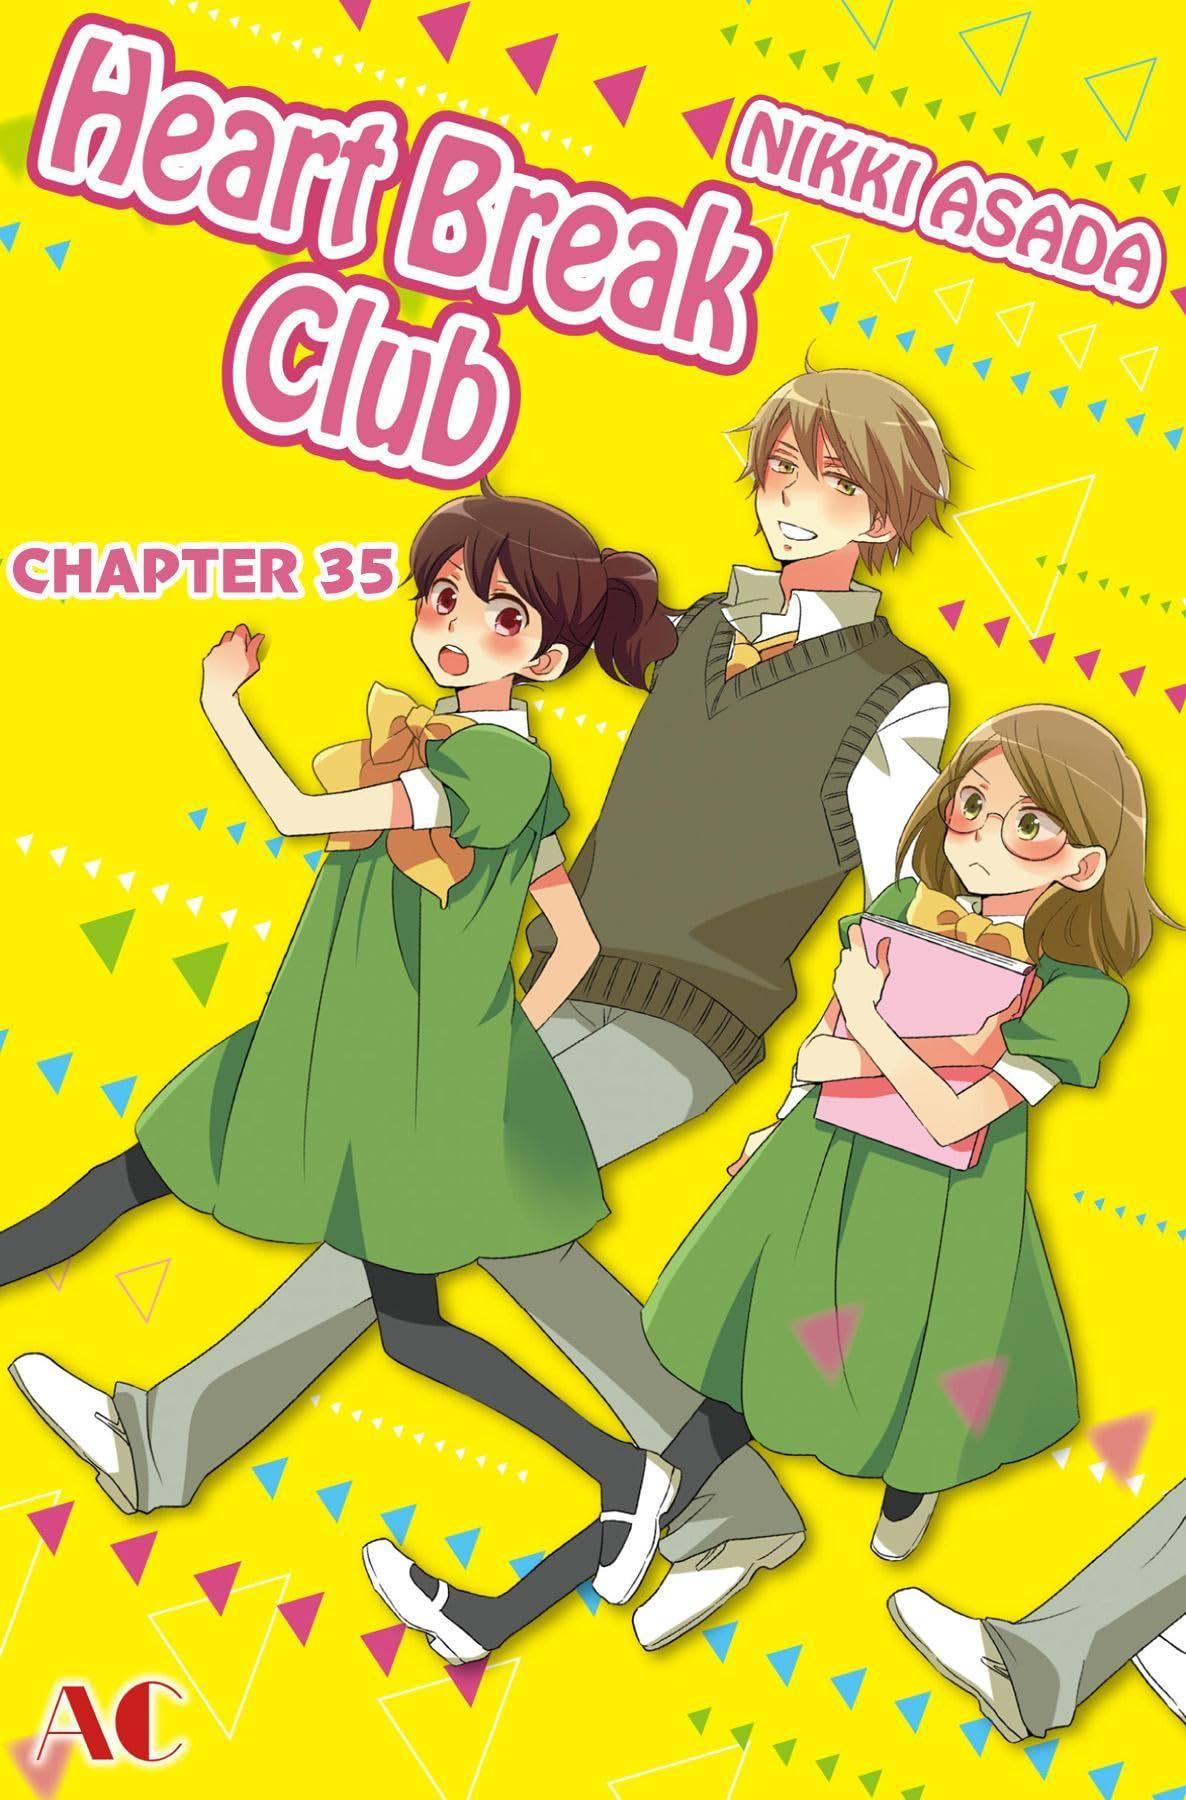 Heart Break Club #35